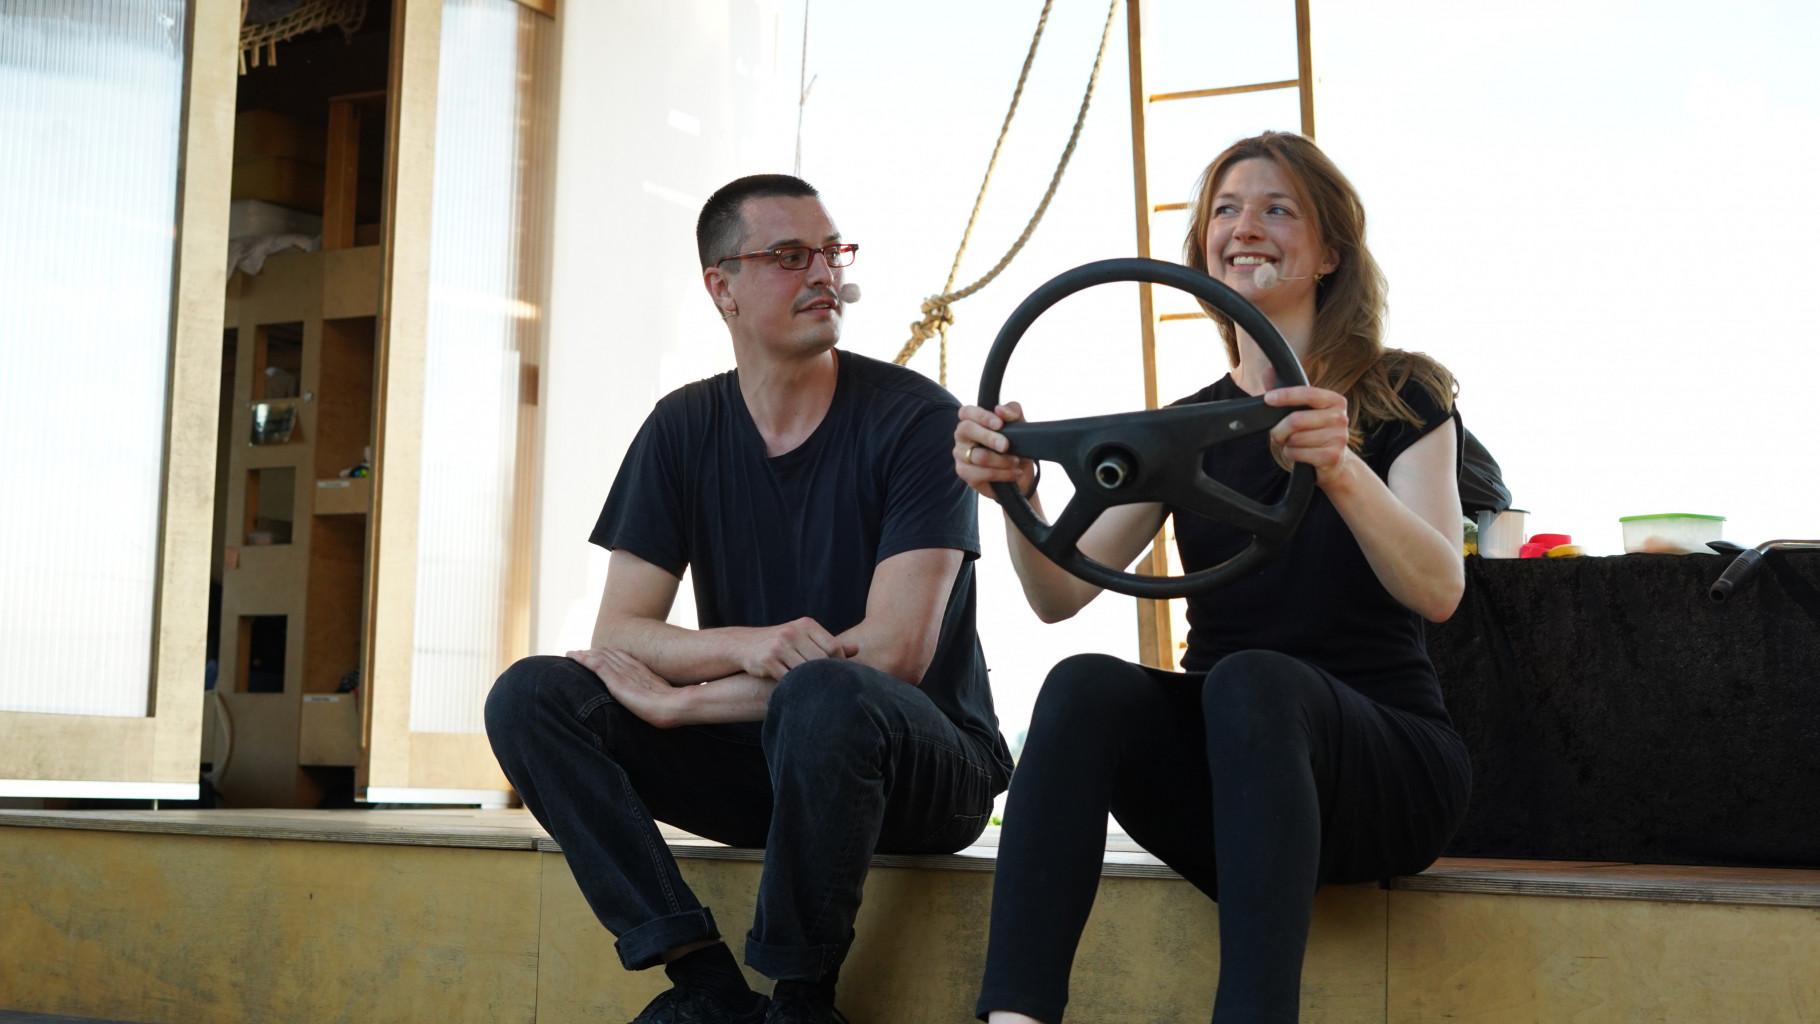 Theaterszene aus Treue Hände, Figuren Dirk und Gitti fahren Auto